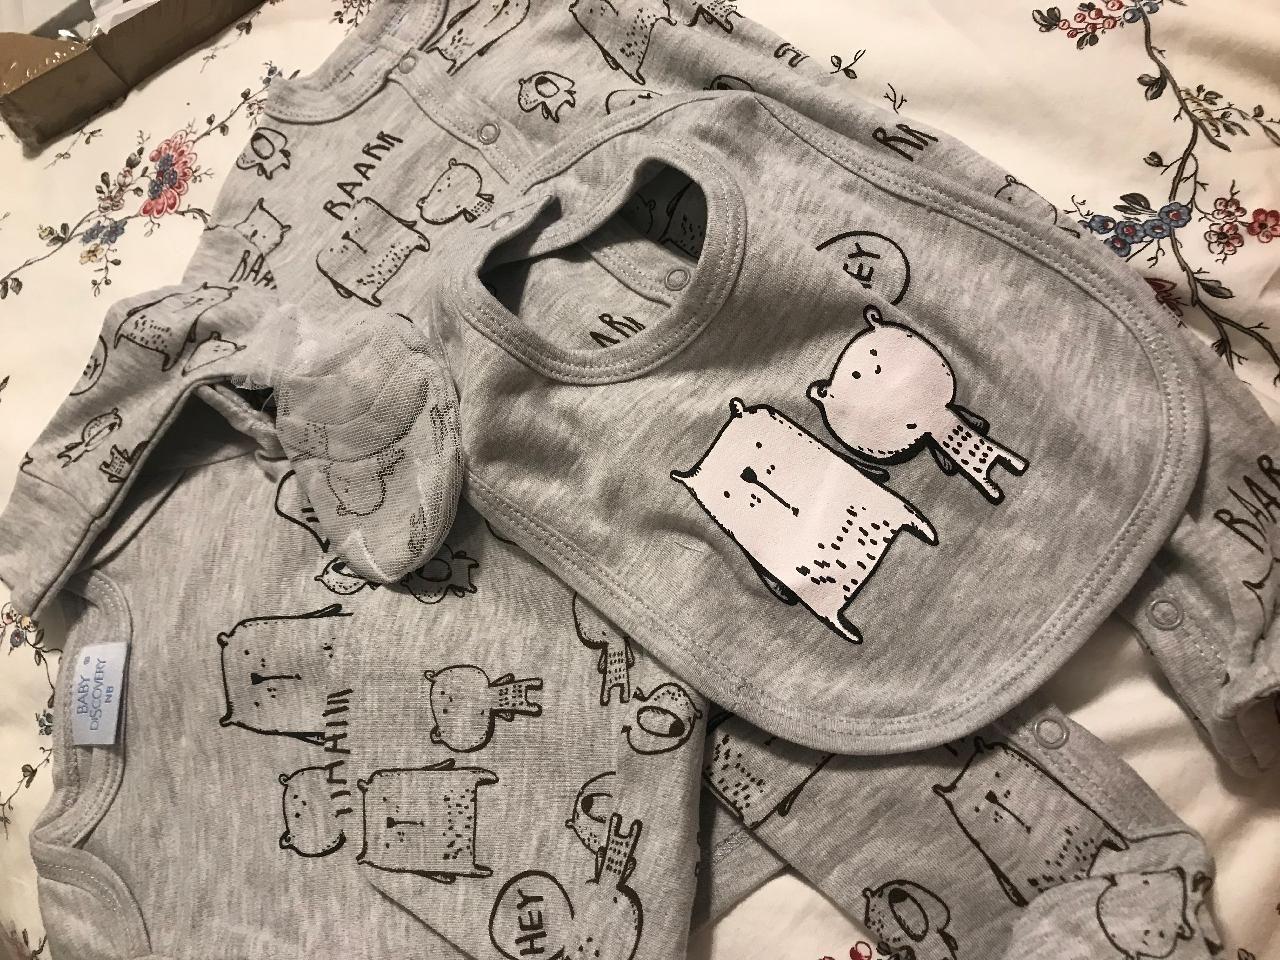 إشتري طقم اطفال 5 قطع بتصميم عملي قابل للتنفس أطقم أطفال في Jolly Chic الدفع عند الاستلام Cute Cartoon Comfy Romper Teddy Bear